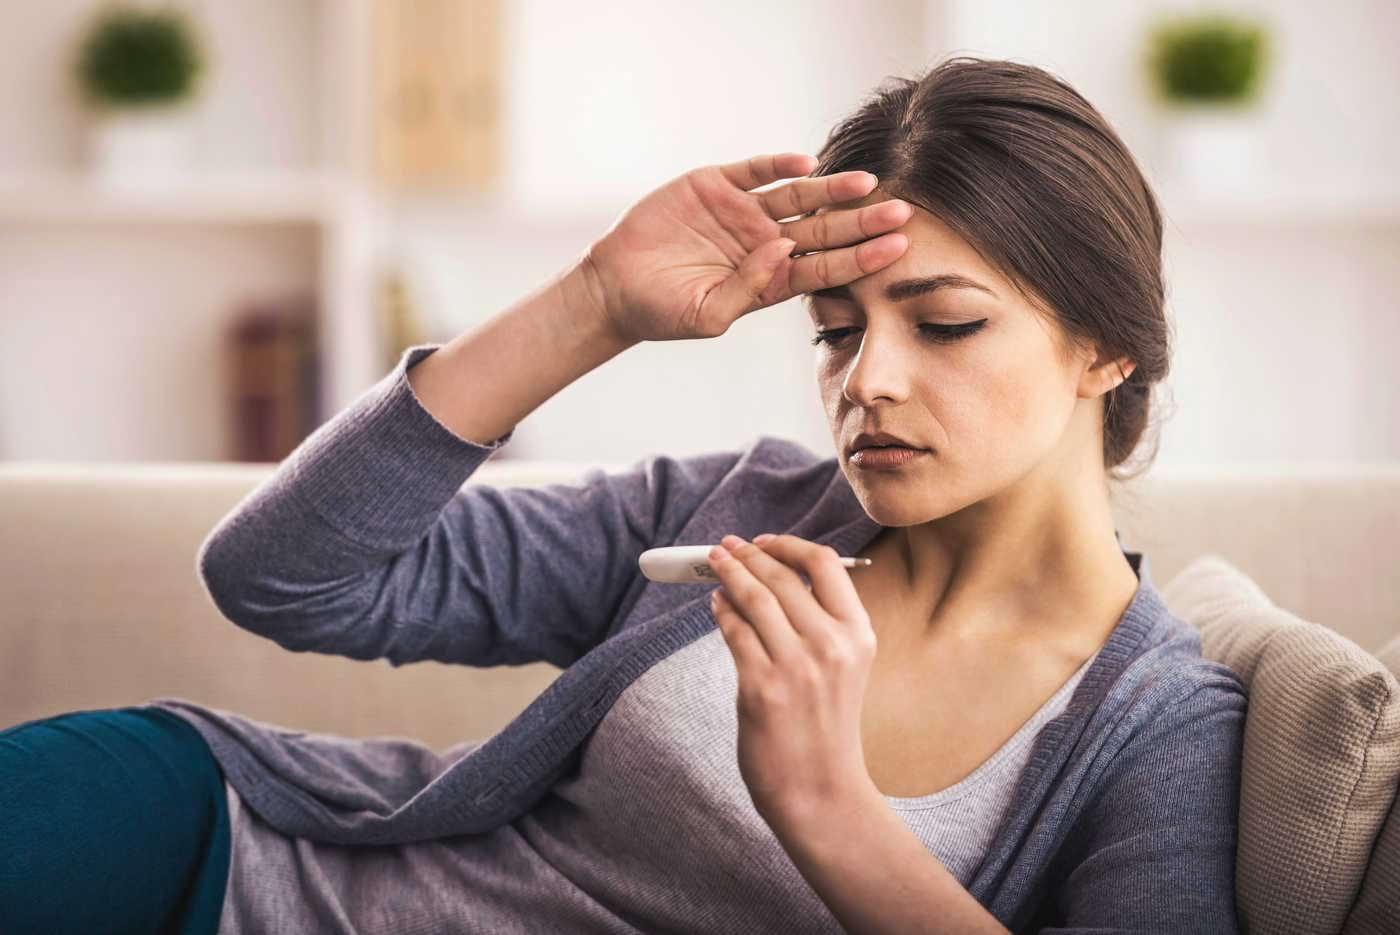 1 persoană din 5 infectată cu SARS-CoV-2 este asimptomatică [studiu]